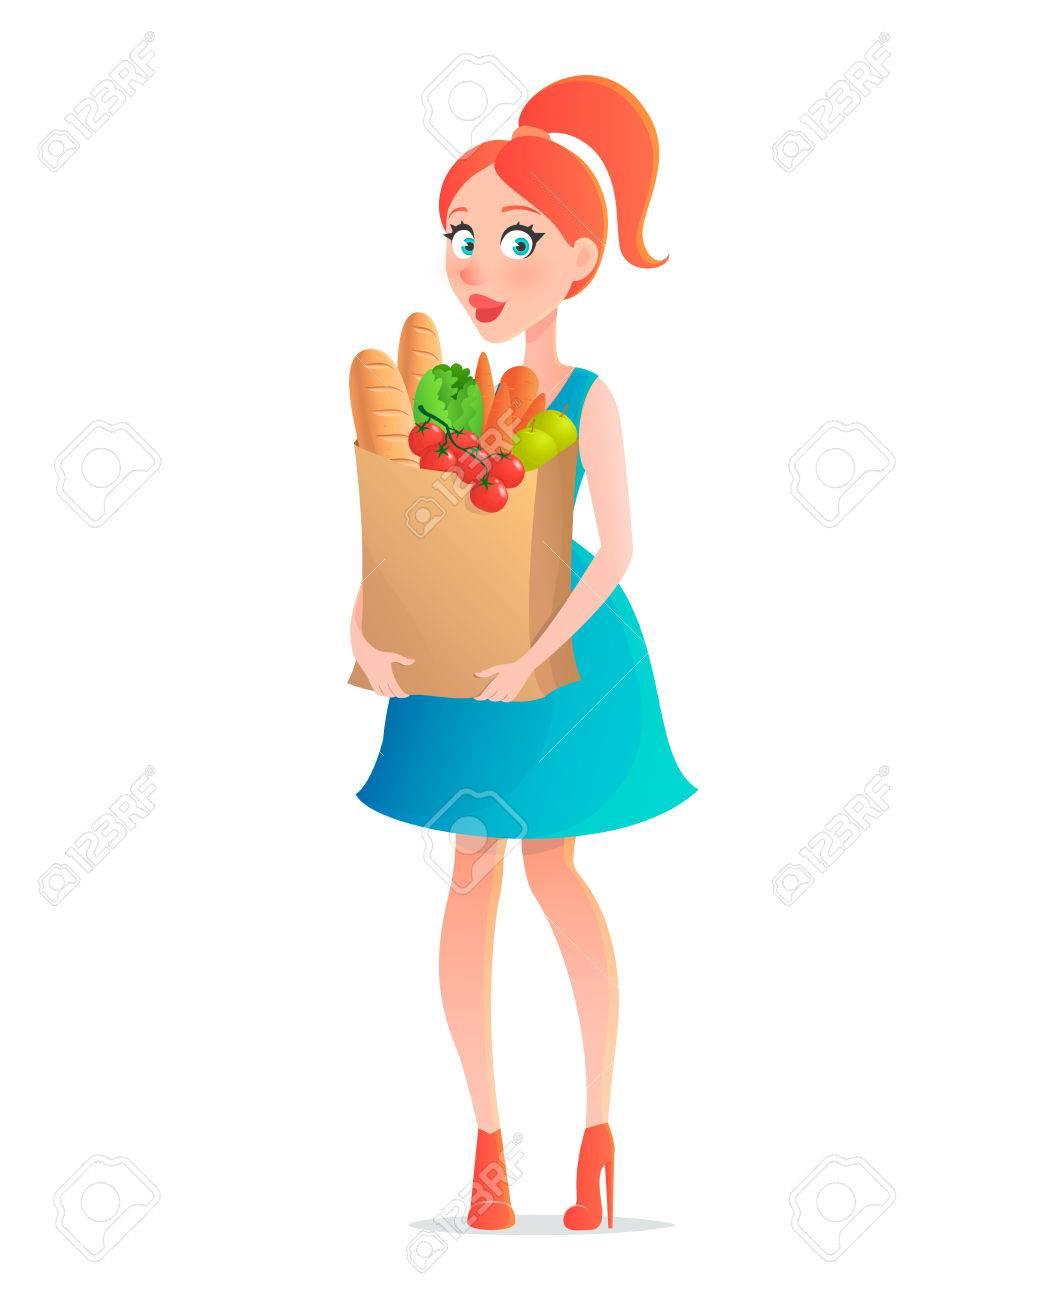 Ilustración vectorial mujer de dibujos animados con una bolsa de papel lleno de alimentos y bebidas. Mujer con un paquete de comestibles. Aislado